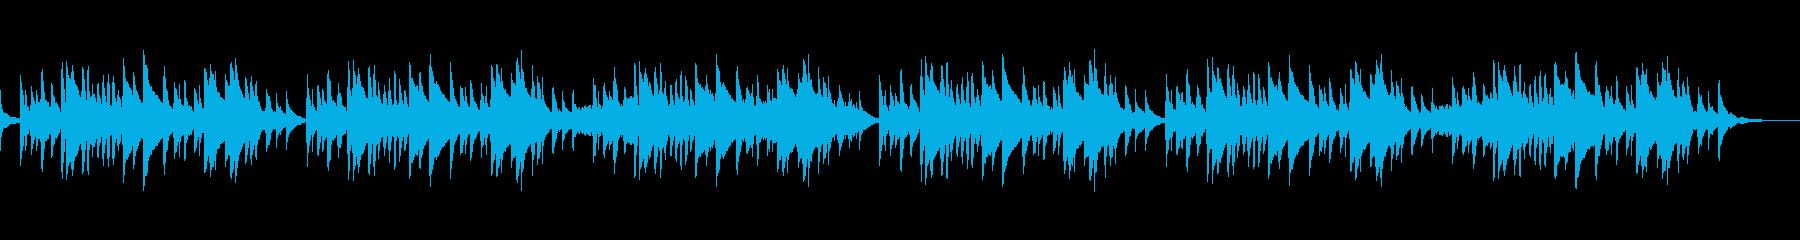 静かな美しい琴の和風BGMの再生済みの波形